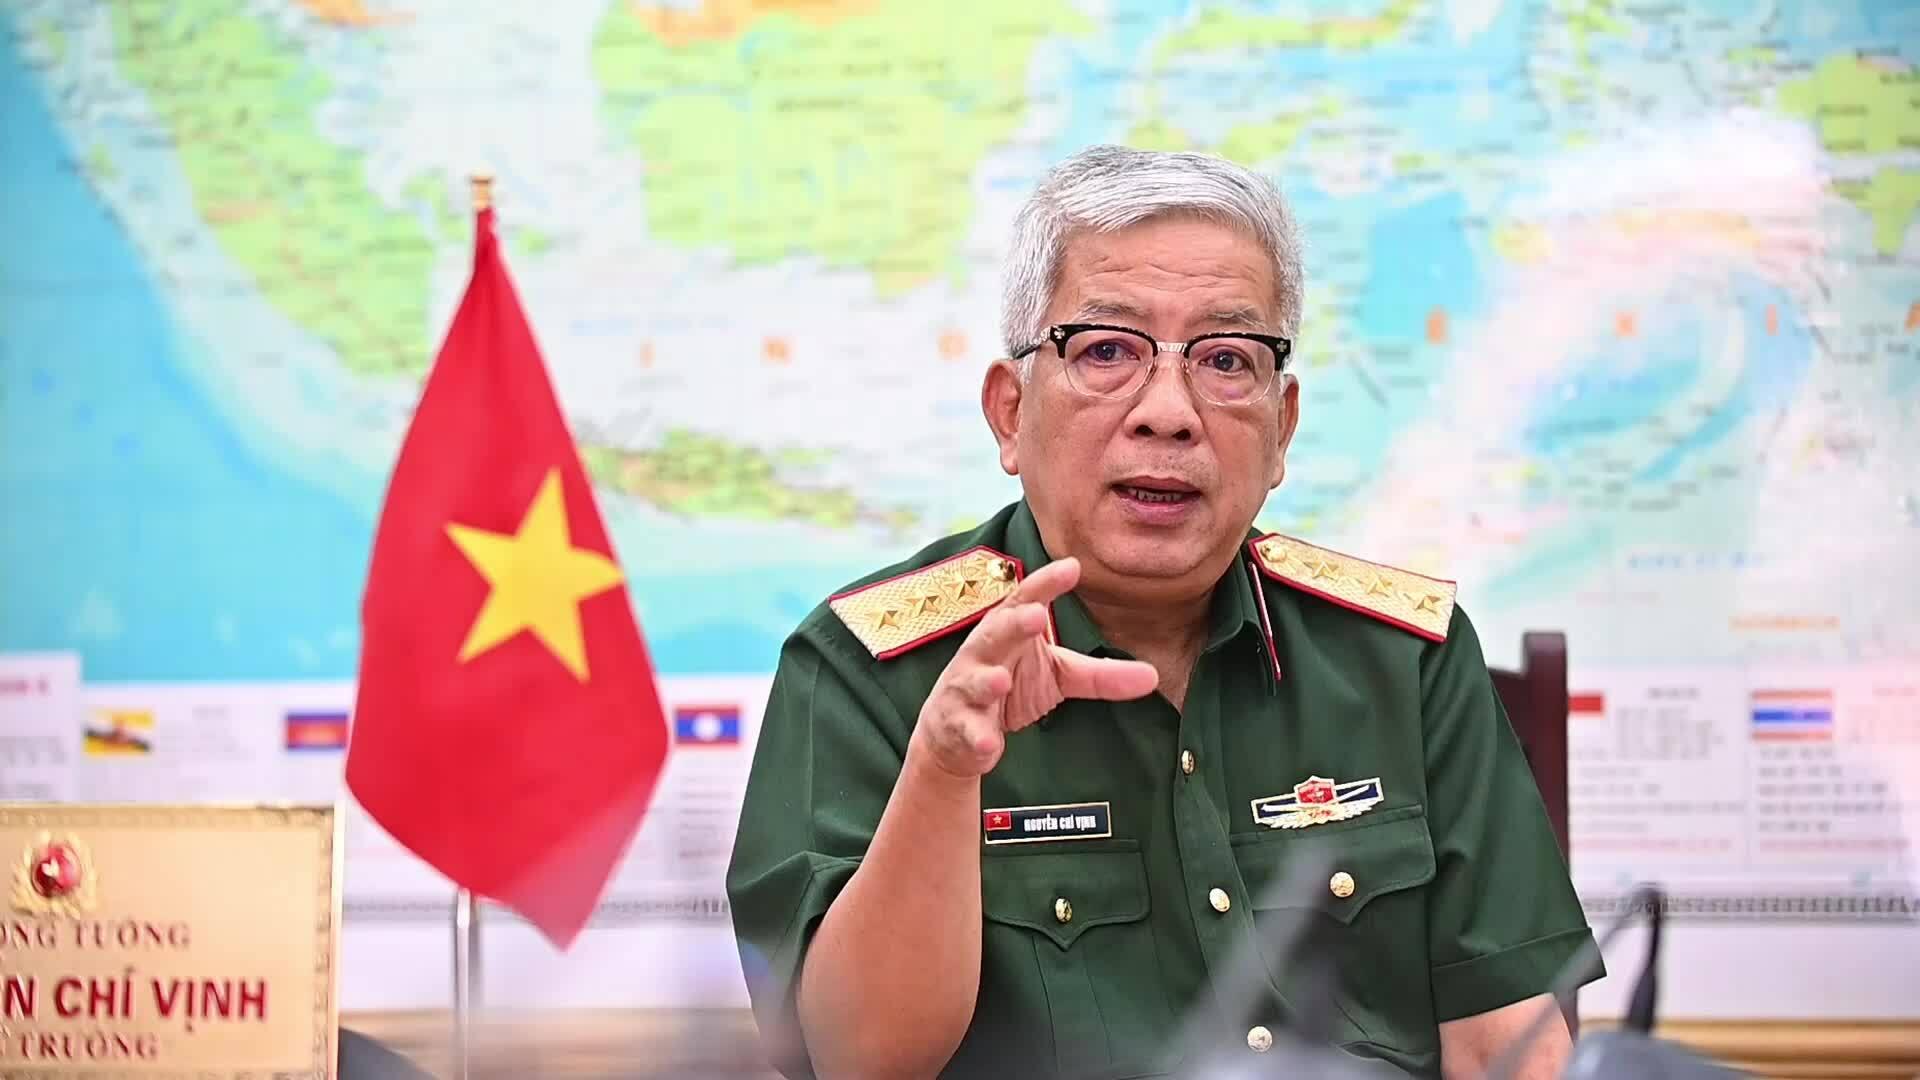 Tướng Vịnh: 'Không nước nào có thể buộc Việt Nam chọn bên'